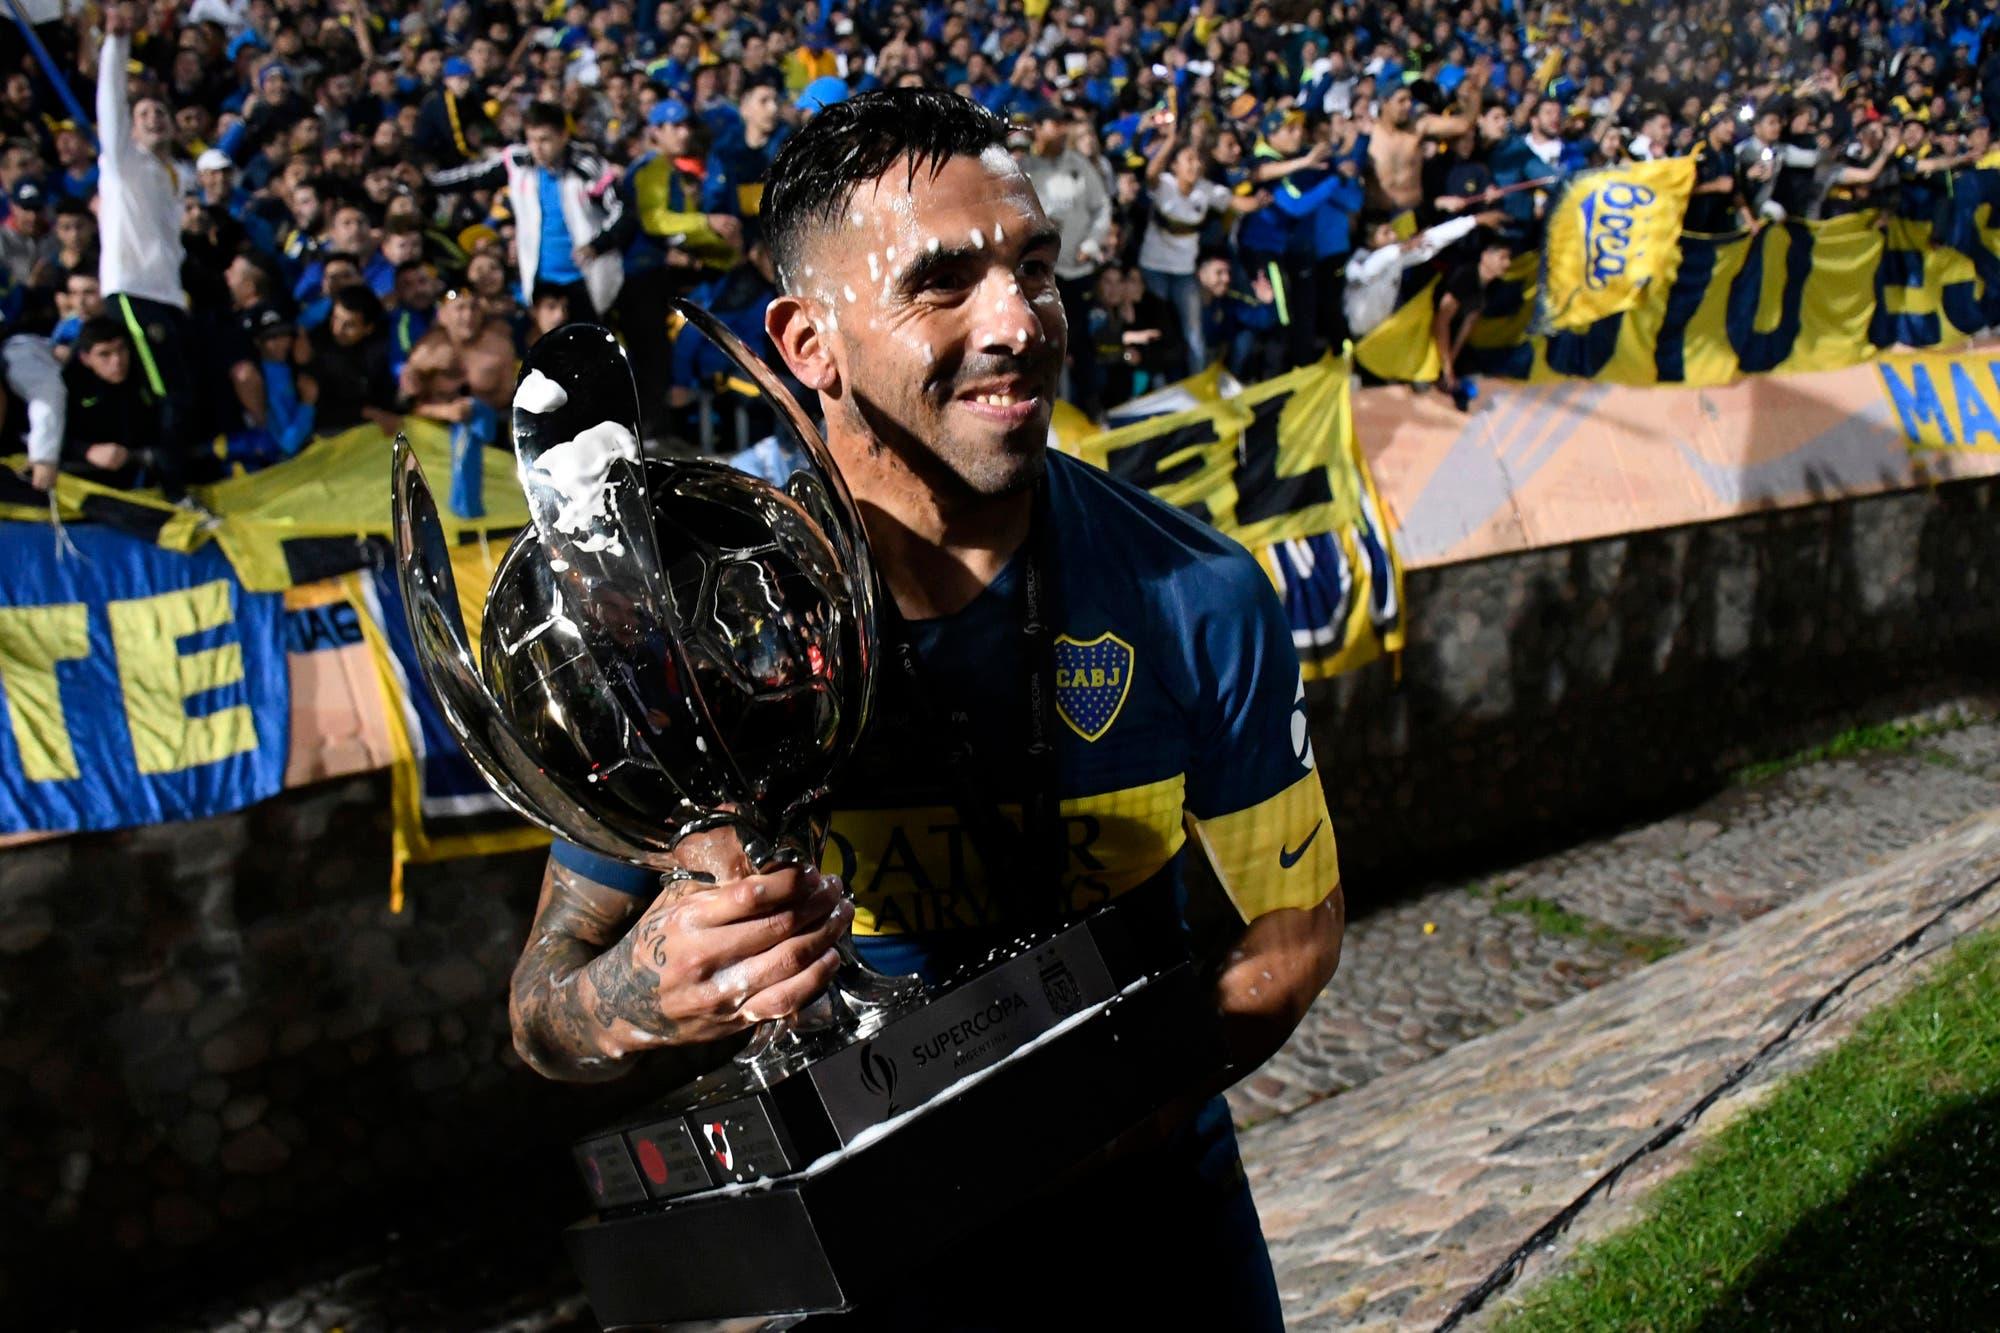 Los 27 títulos de Carlos Tevez: en qué equipos ganó y su lugar entre los más campeones